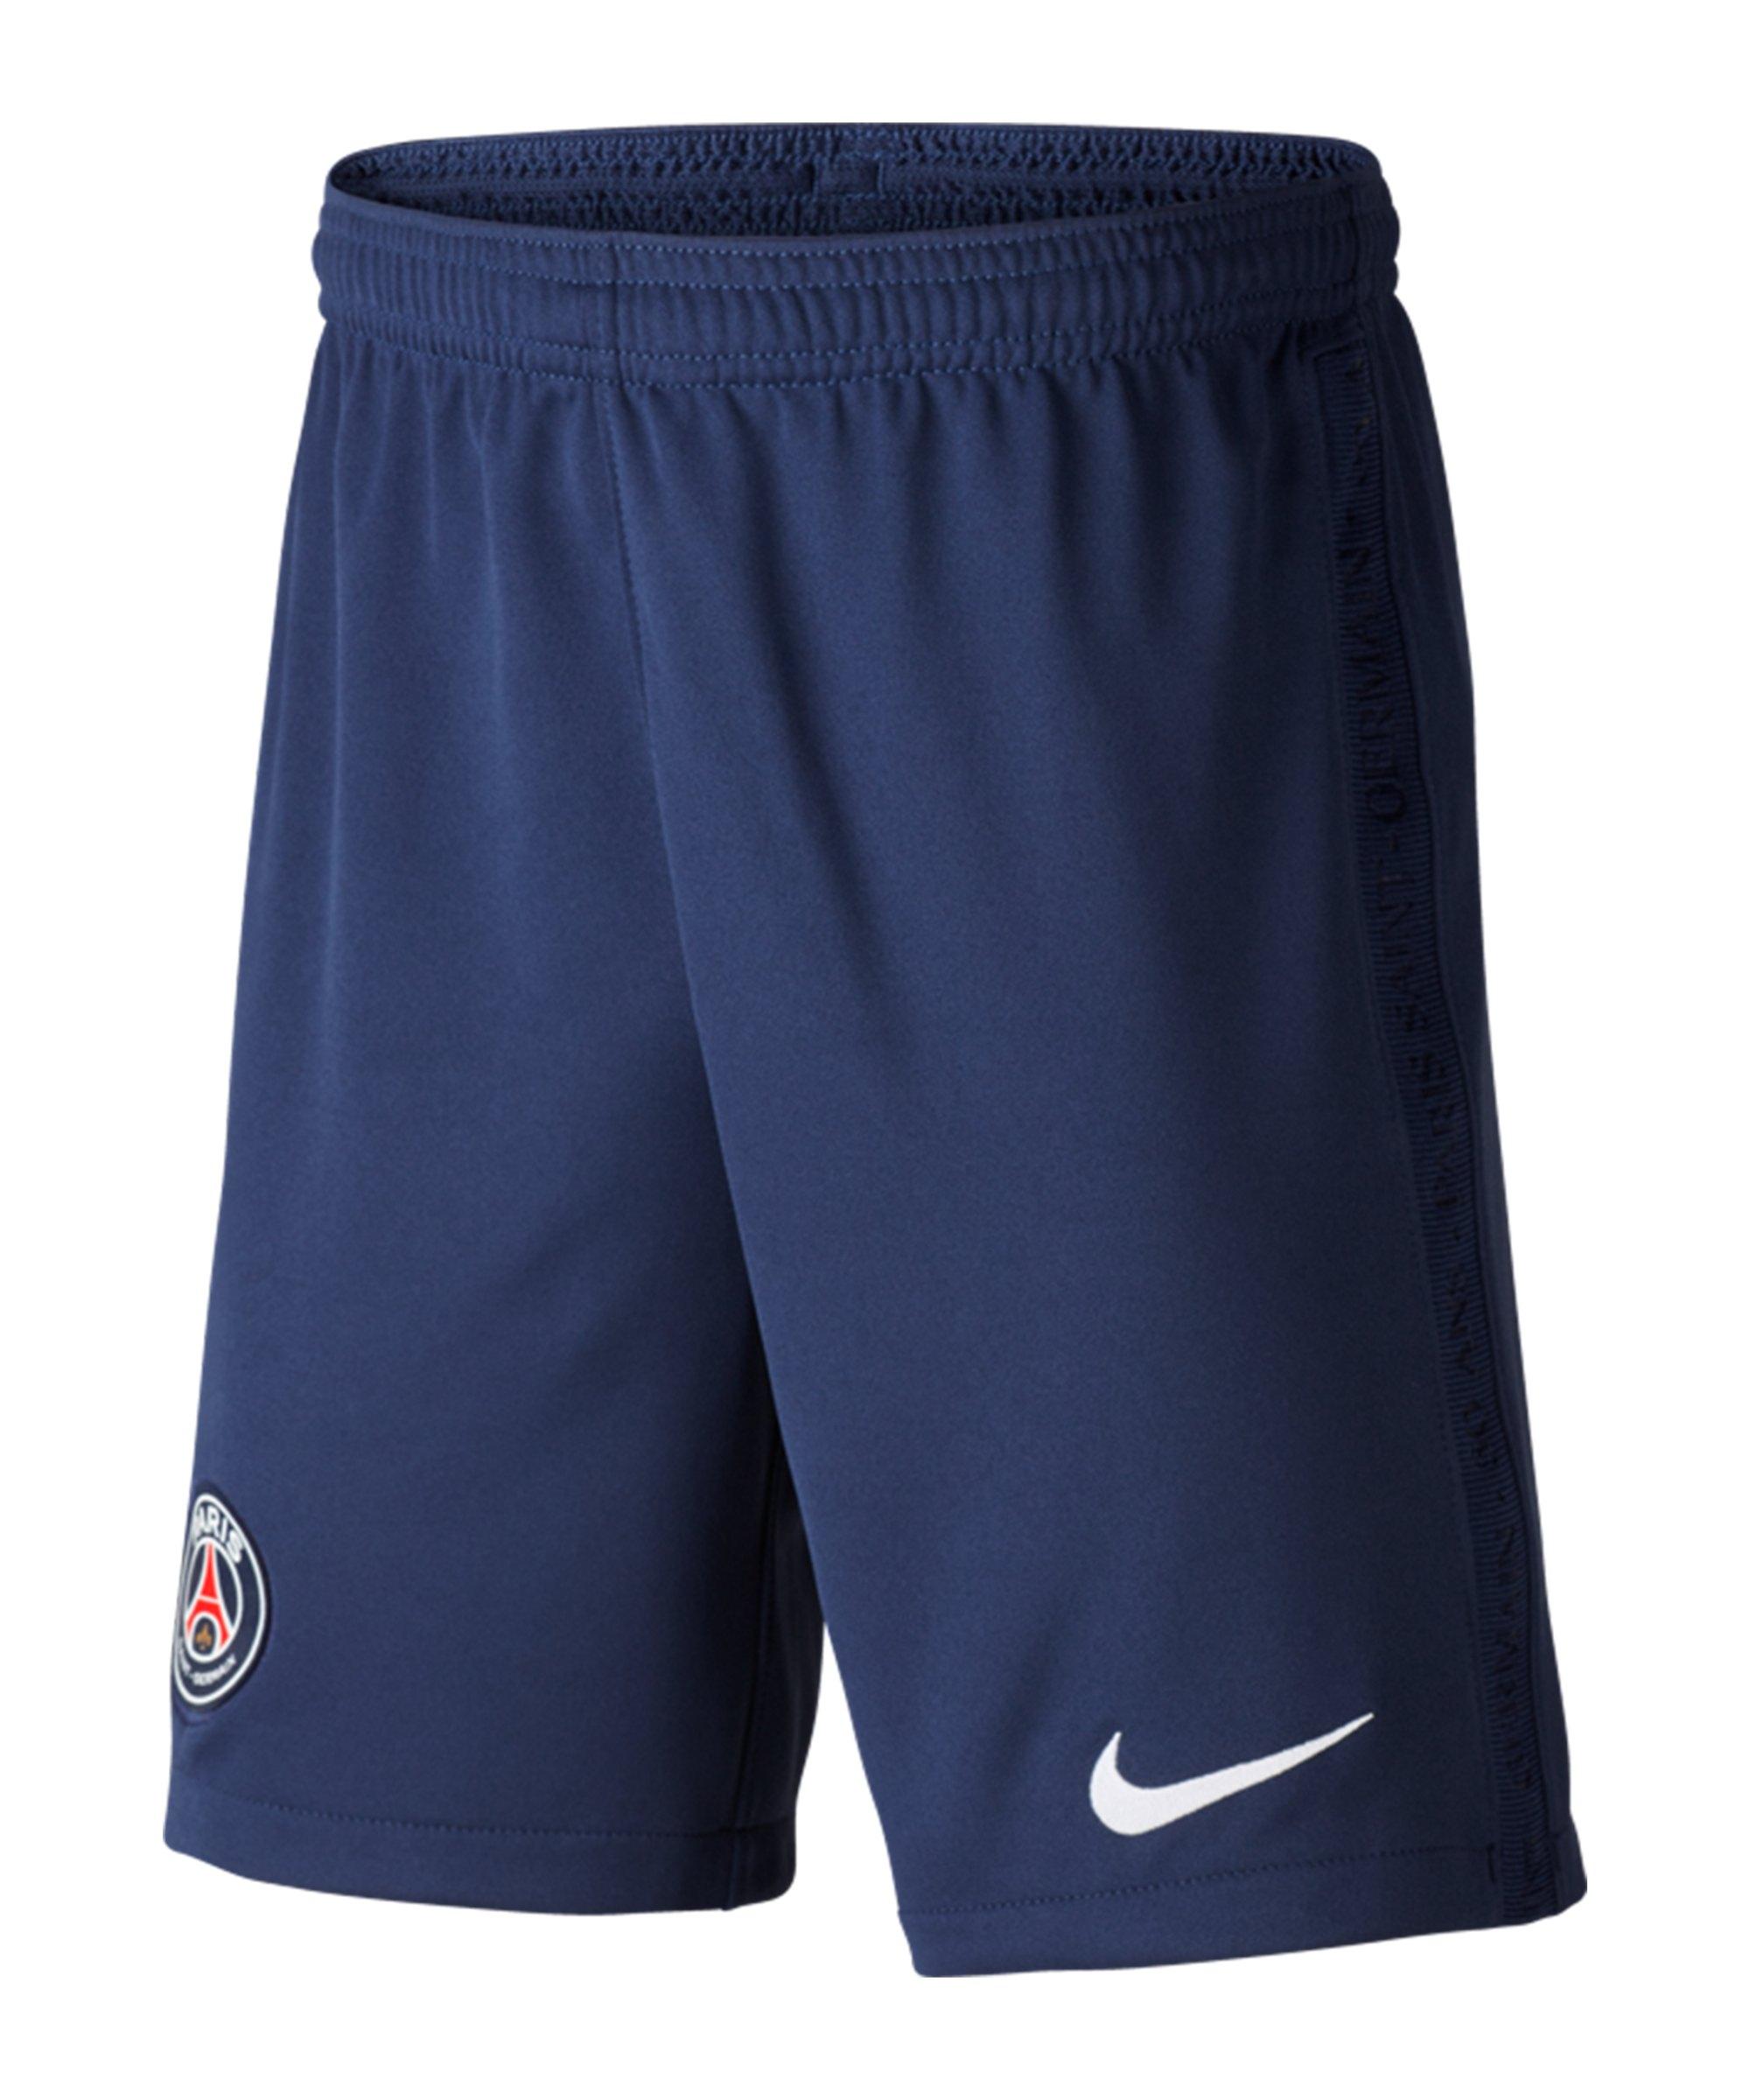 Nike Paris St. Germain Short Home 2020/2021 Kids F410 - blau